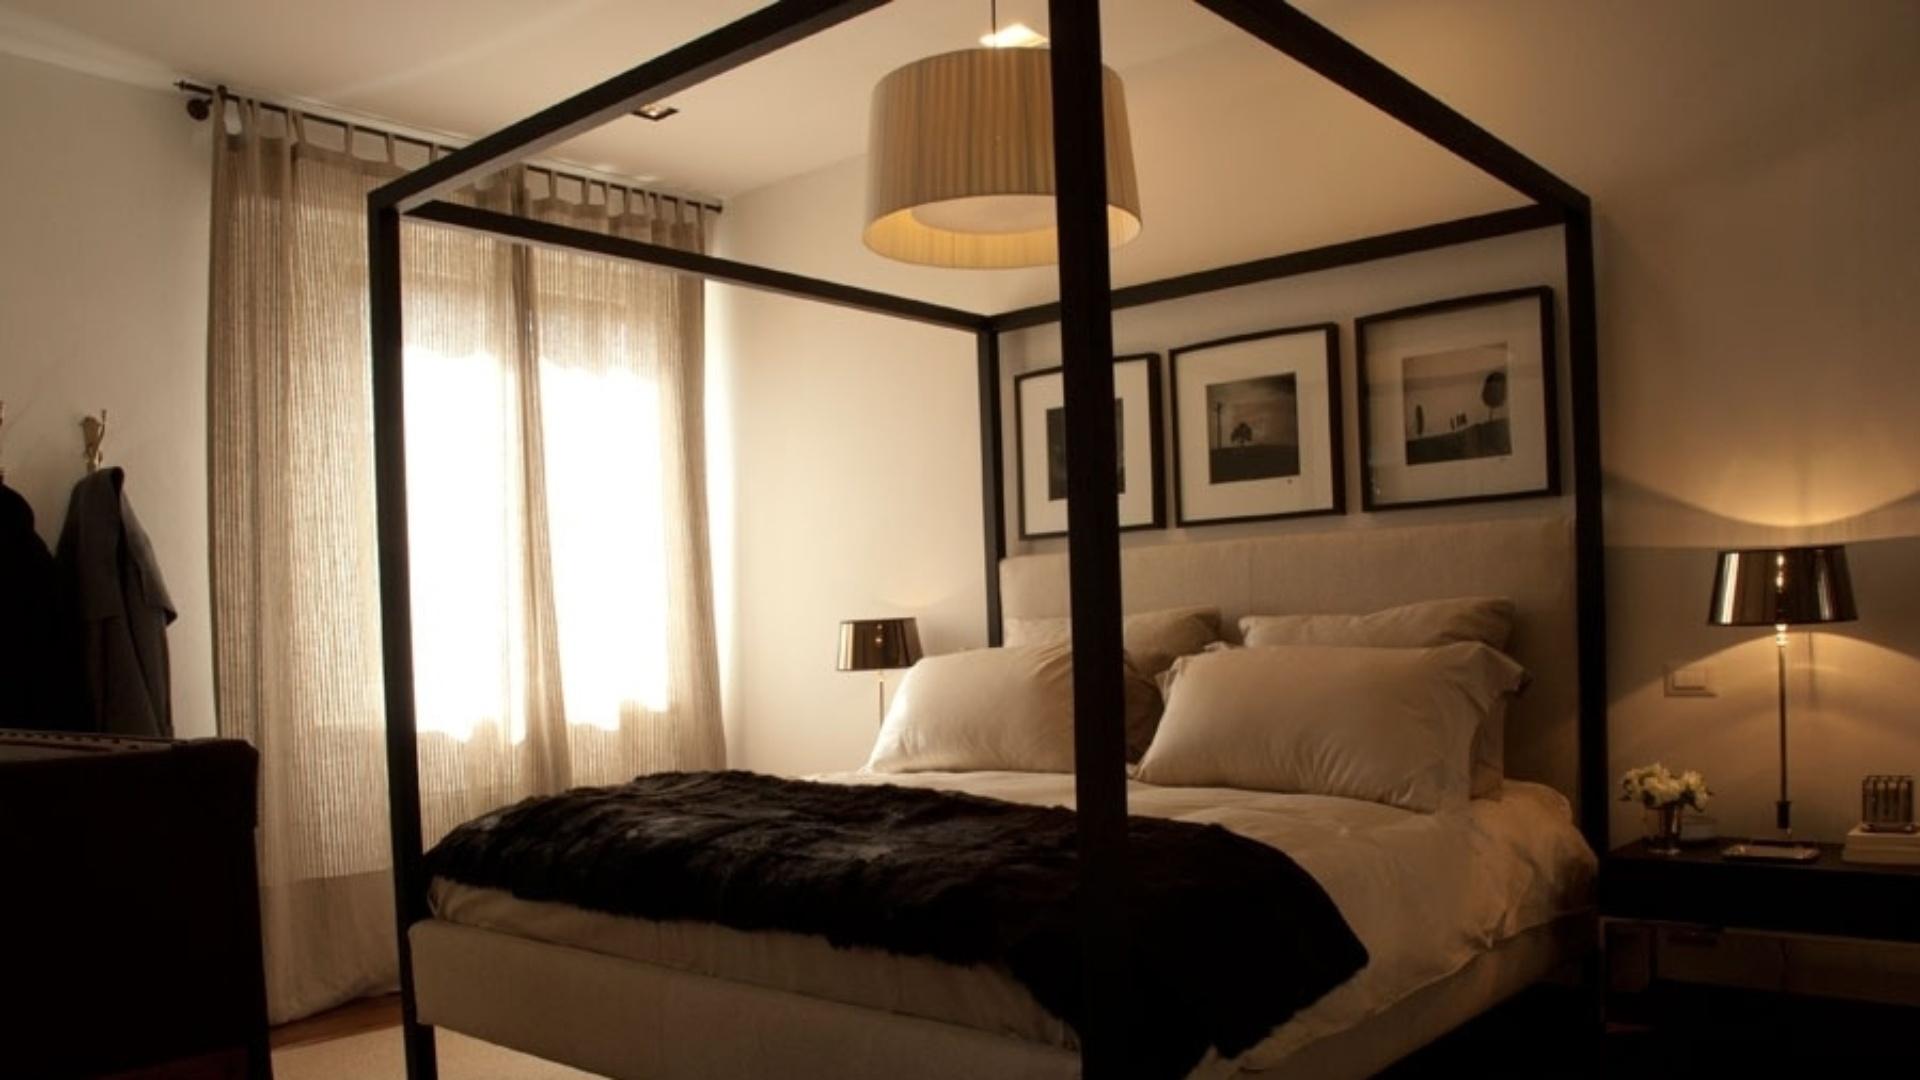 quarto de casal foi projetado pela designer de interiores Paola #B87313 1920x1080